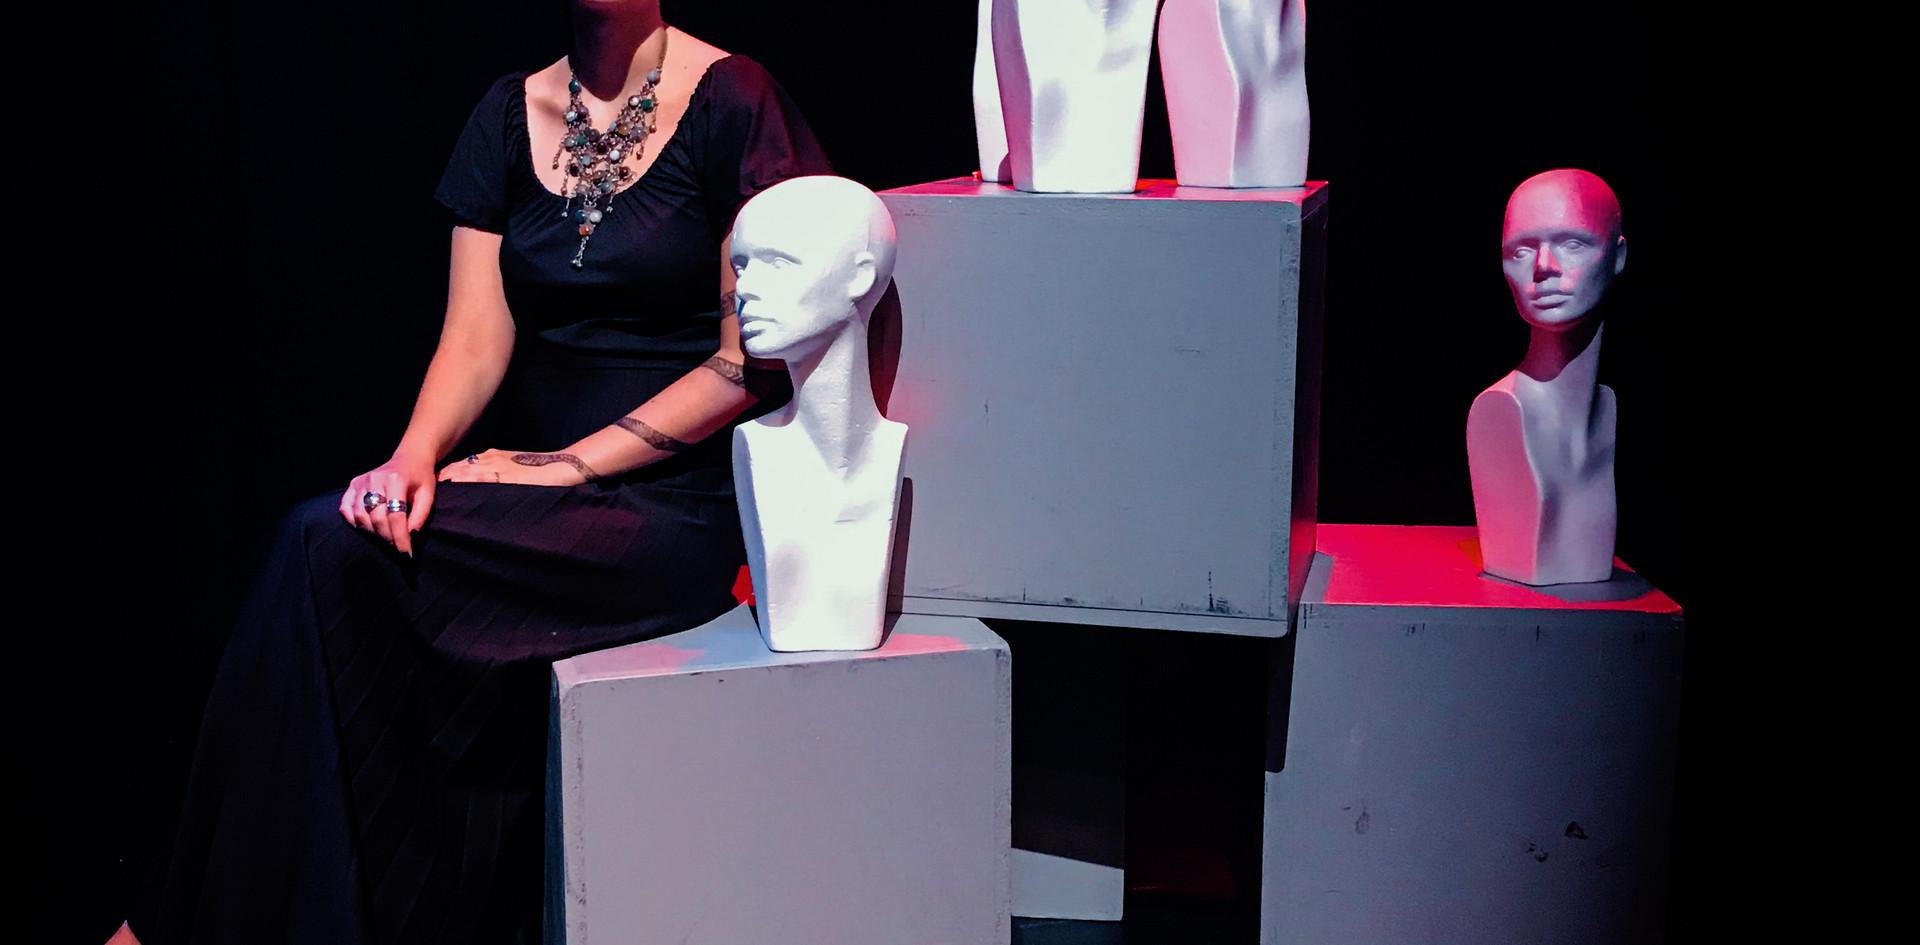 Viktoria on stage